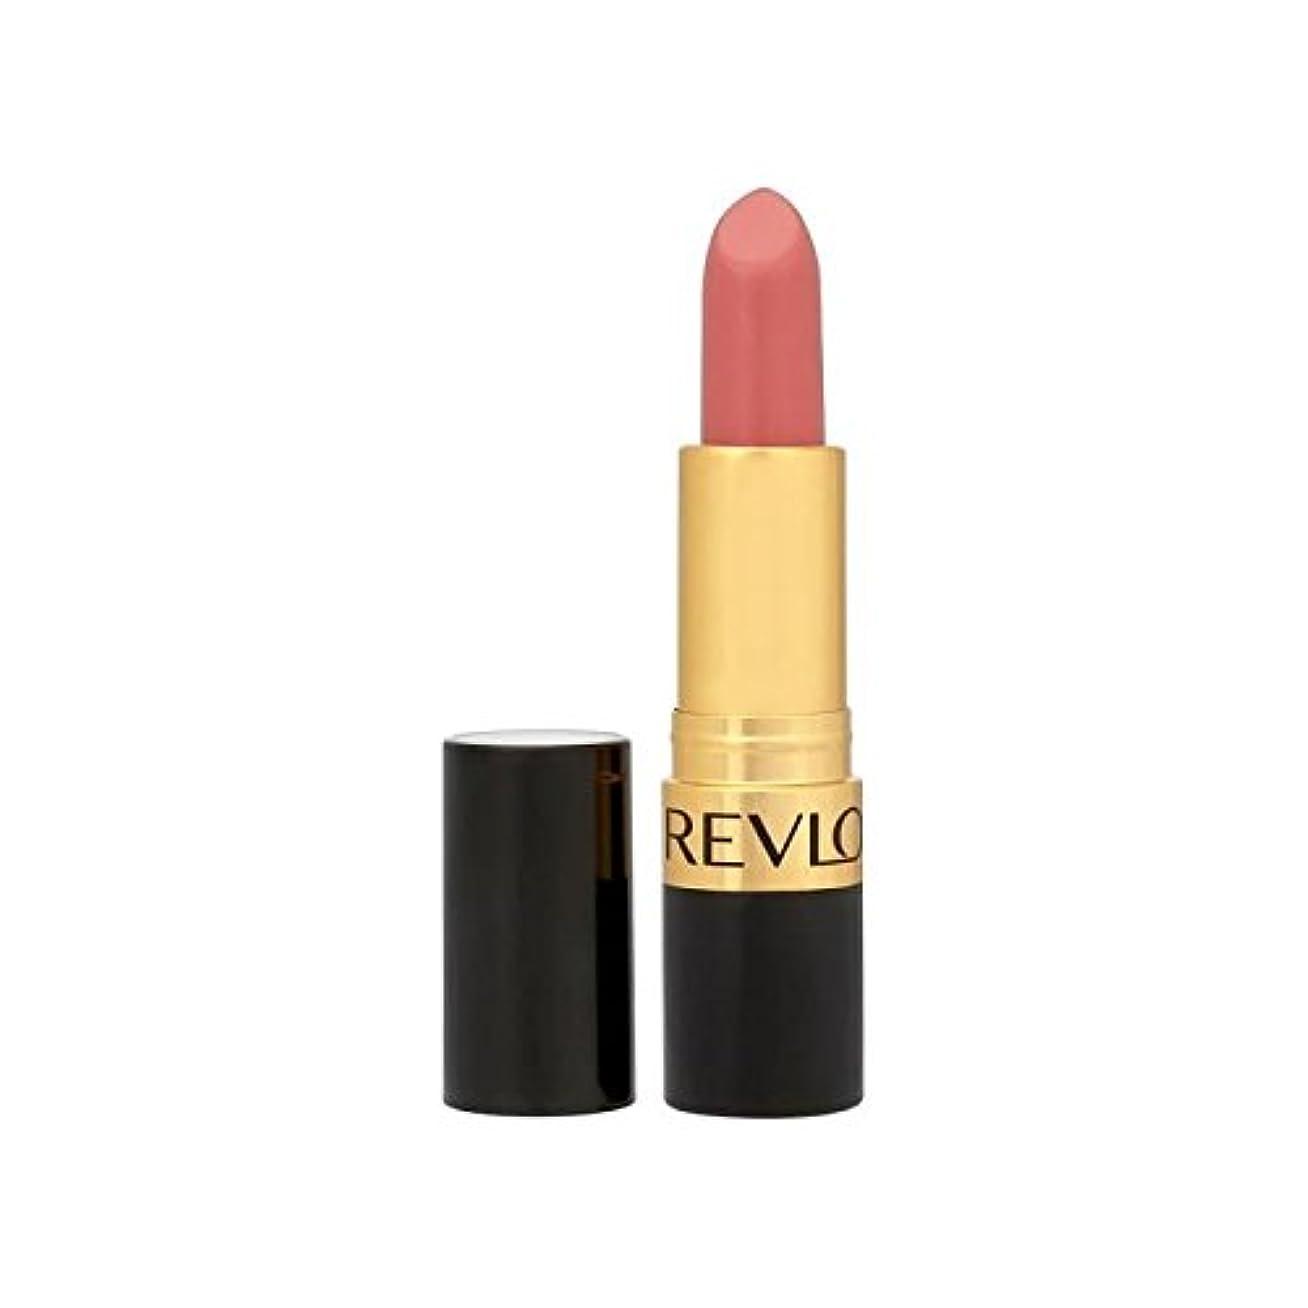 トレイルいつでも命題午後415でレブロンスーパー光沢のある口紅ピンク x4 - Revlon Super Lustrous Lipstick Pink In The Afternoon 415 (Pack of 4) [並行輸入品]